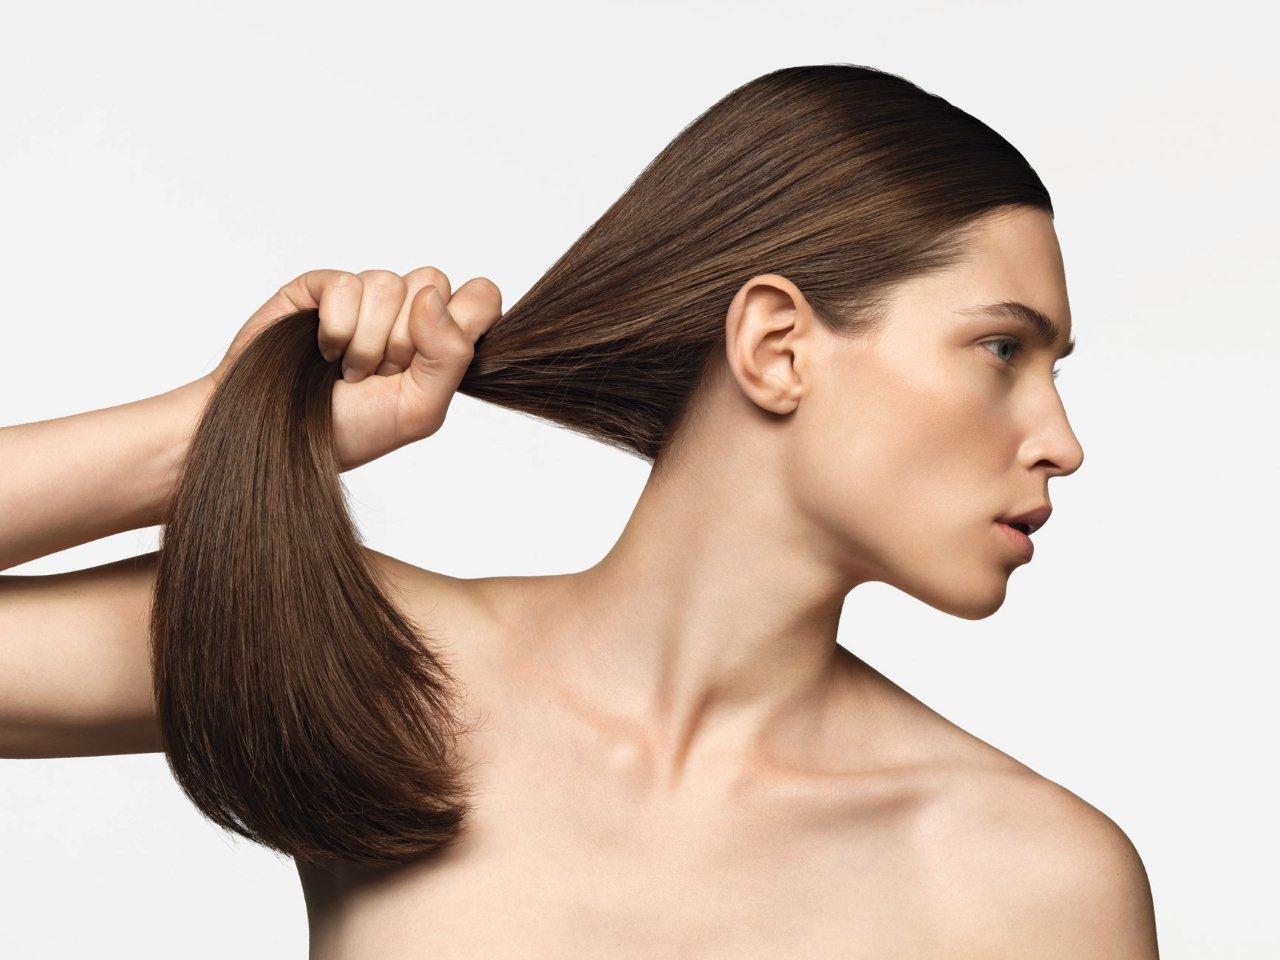 У ребенка выпадают волосы: причины, виды облысения, способы лечения